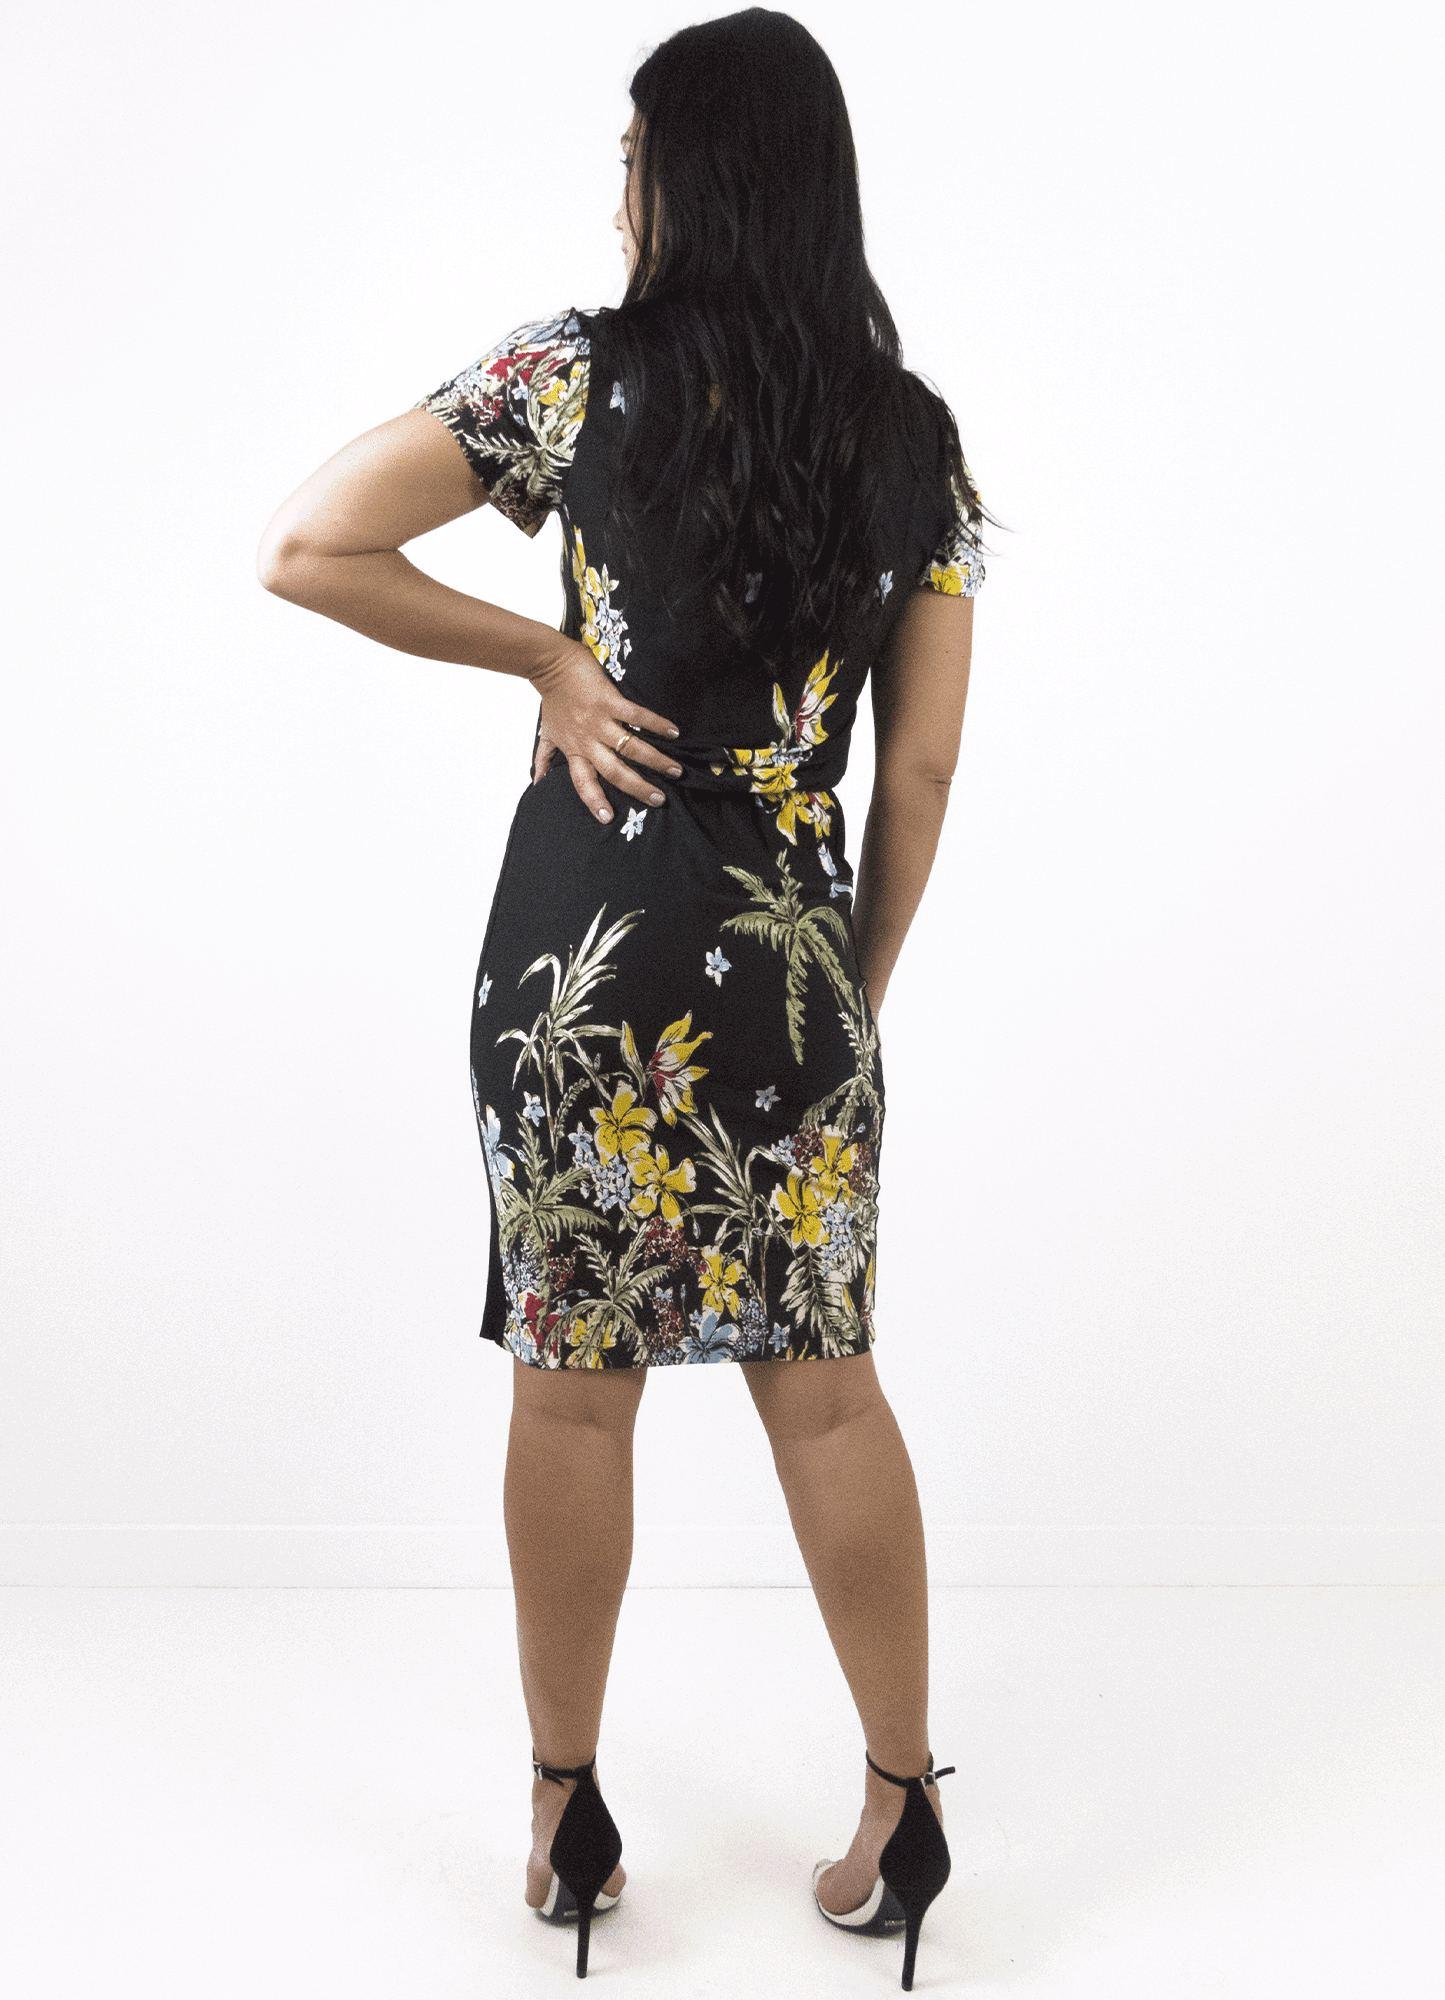 Vestido Feminino Estampa Floral Manga Curta Detalhe Elástico na Cintura